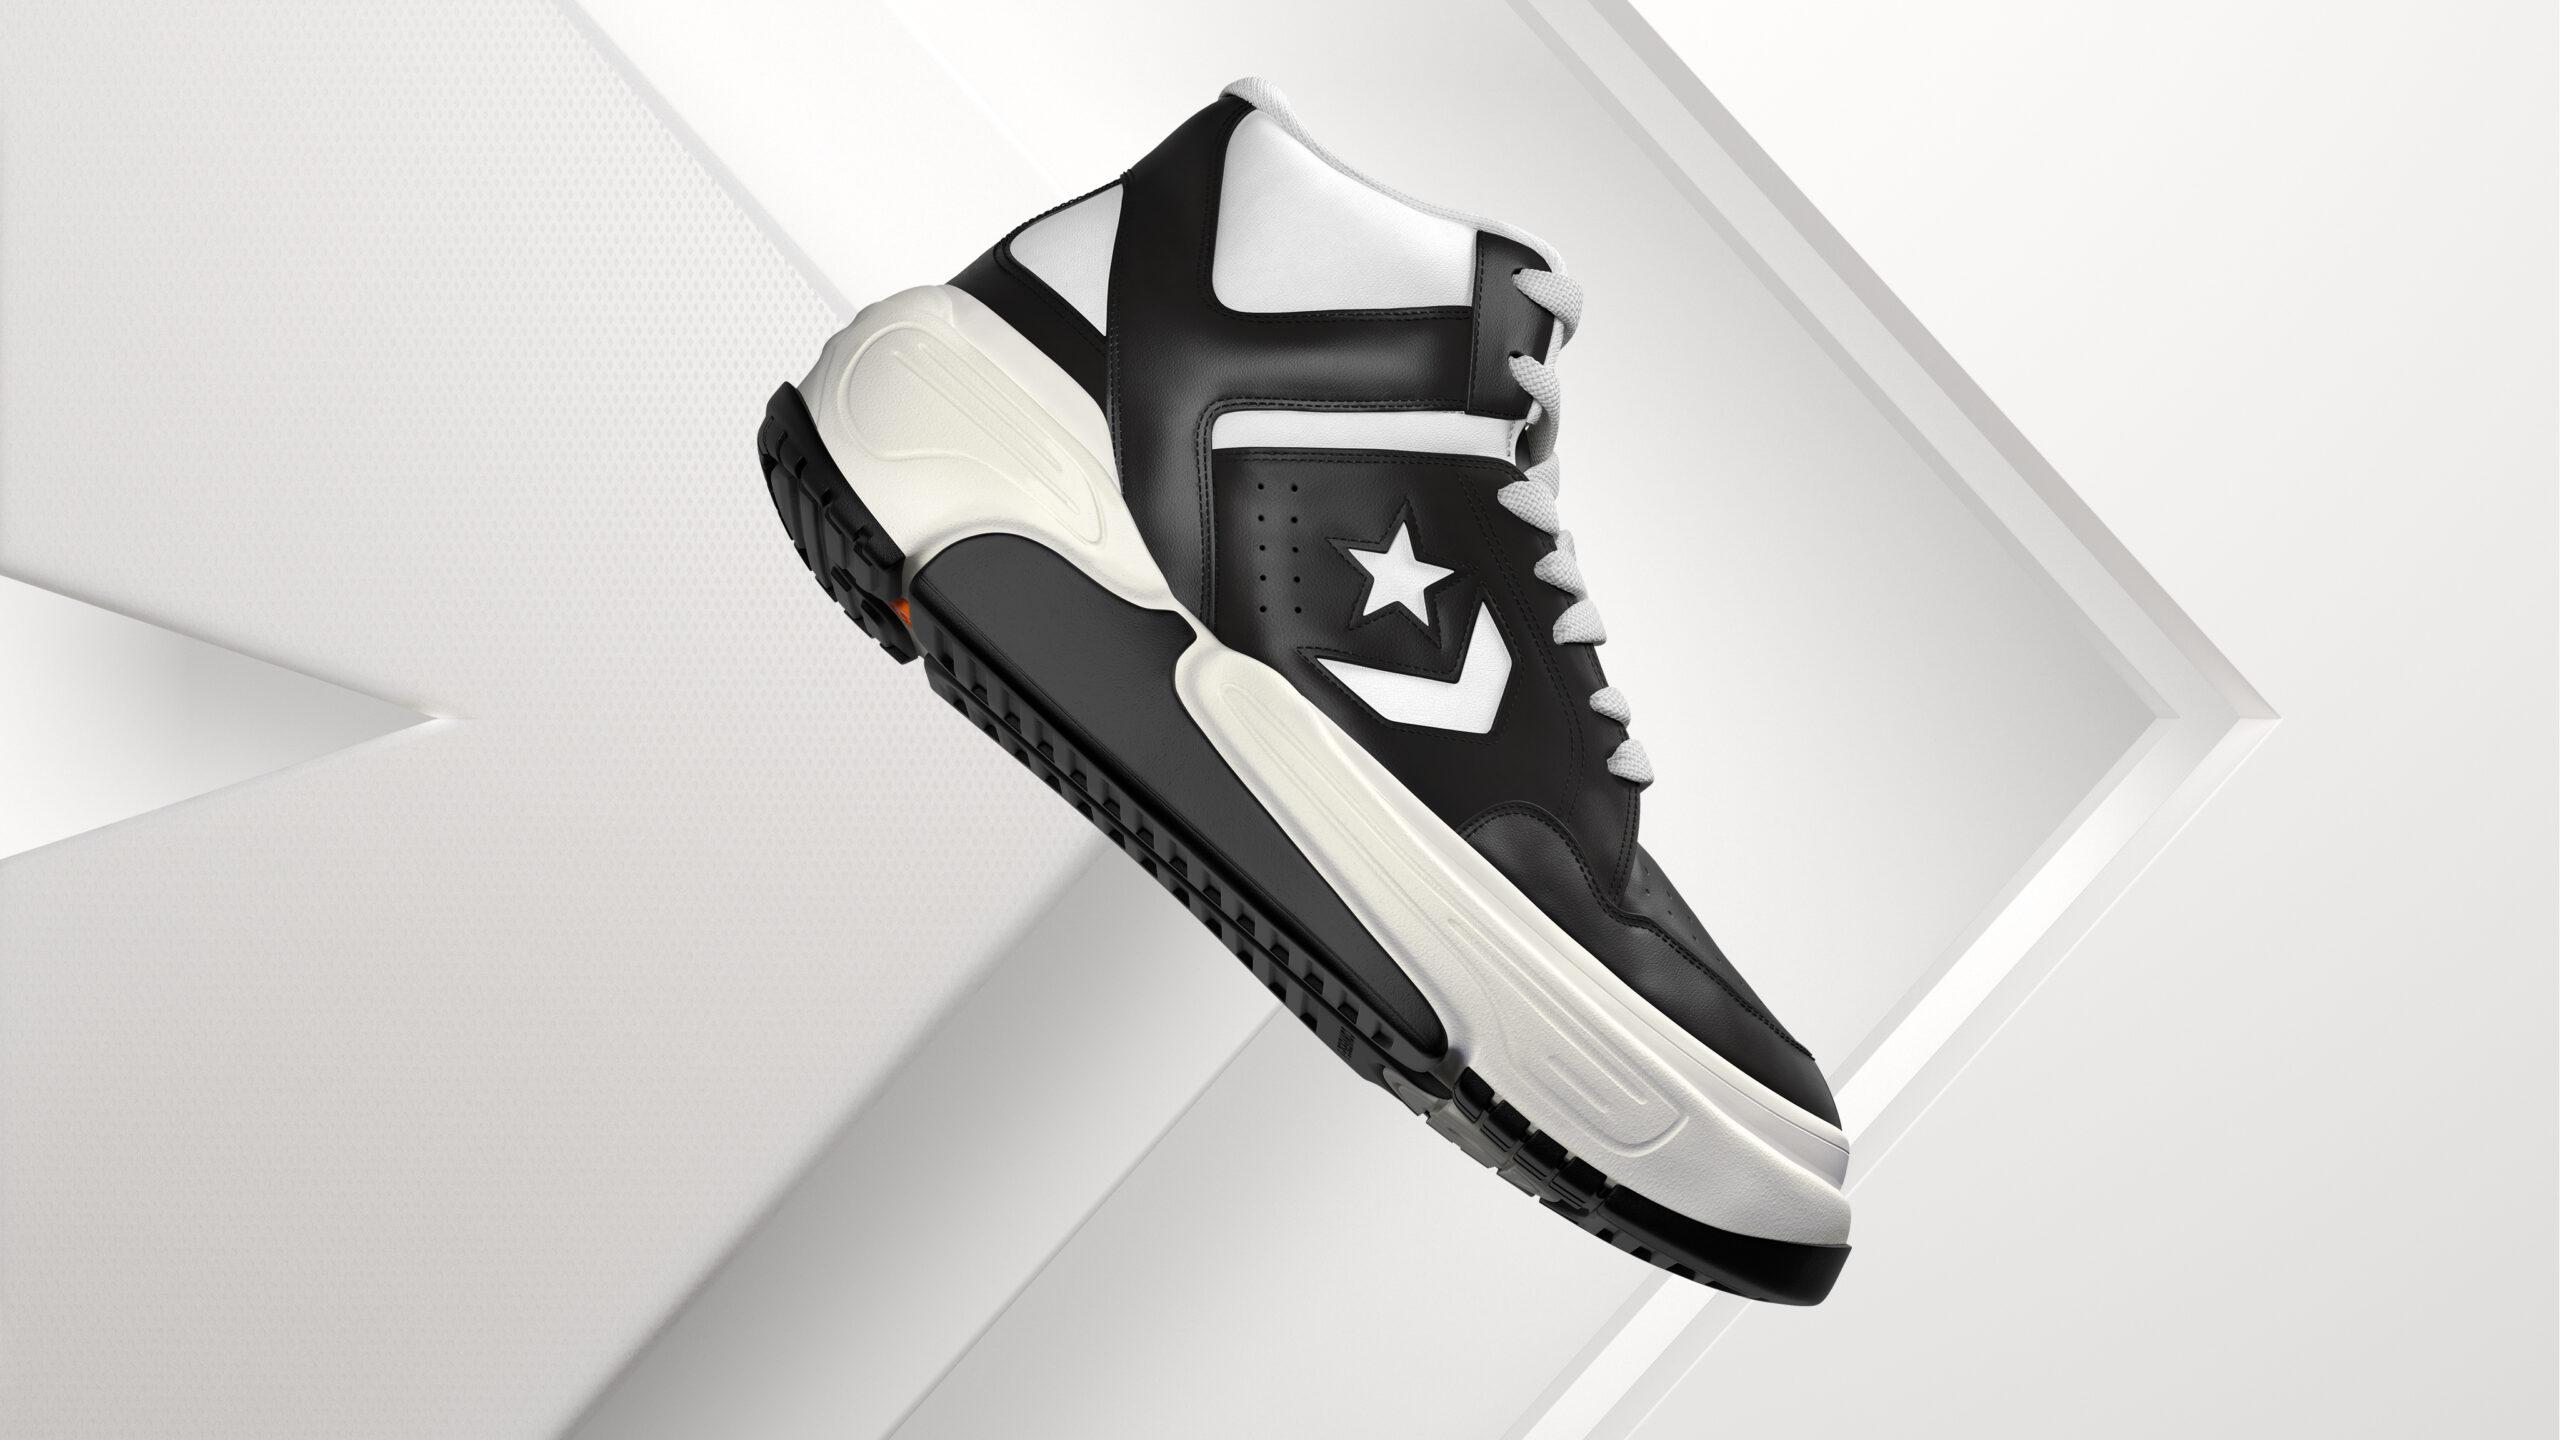 Converse Weapon CX: buty legend NBA powracają wfuturystycznej wersji